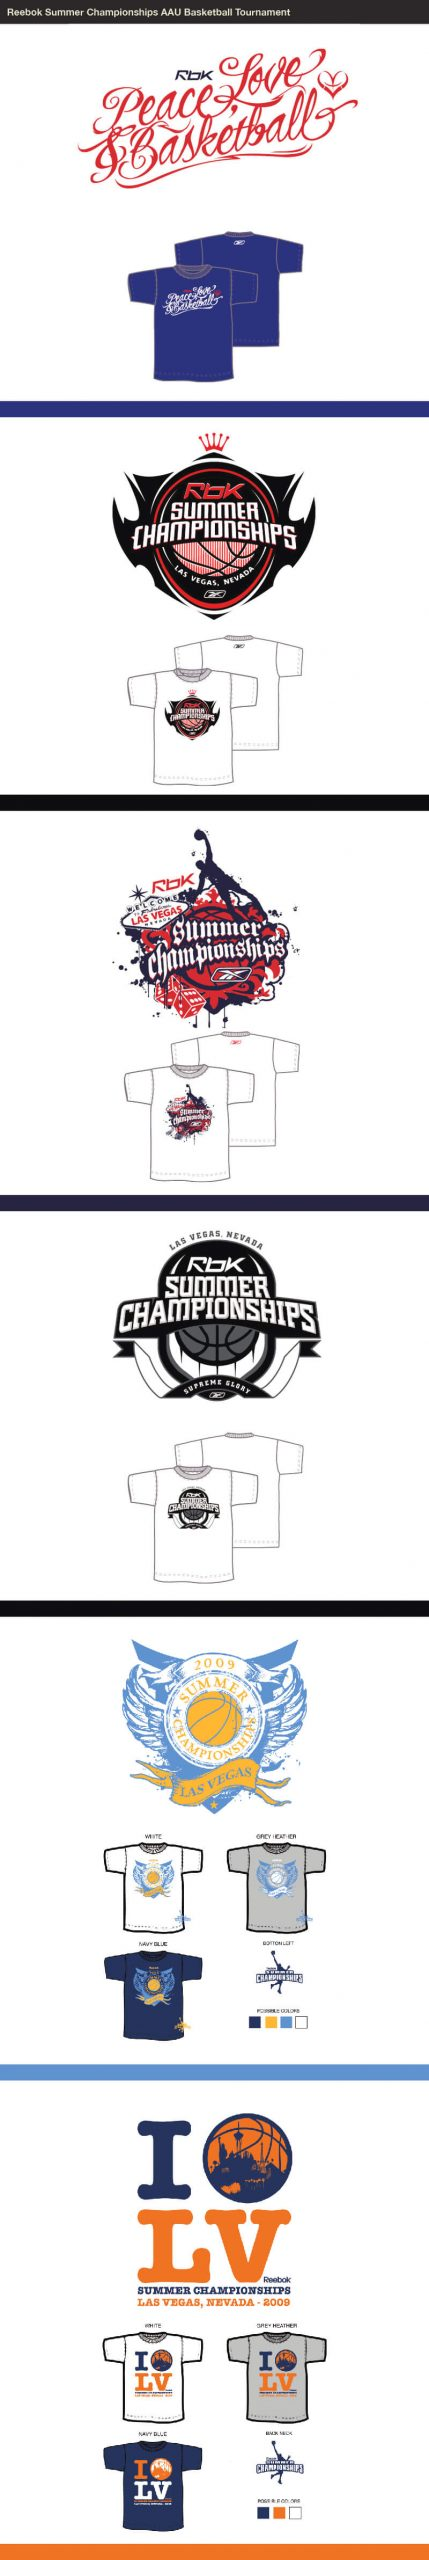 Matt Turney Reebok Summer Championsips Logos